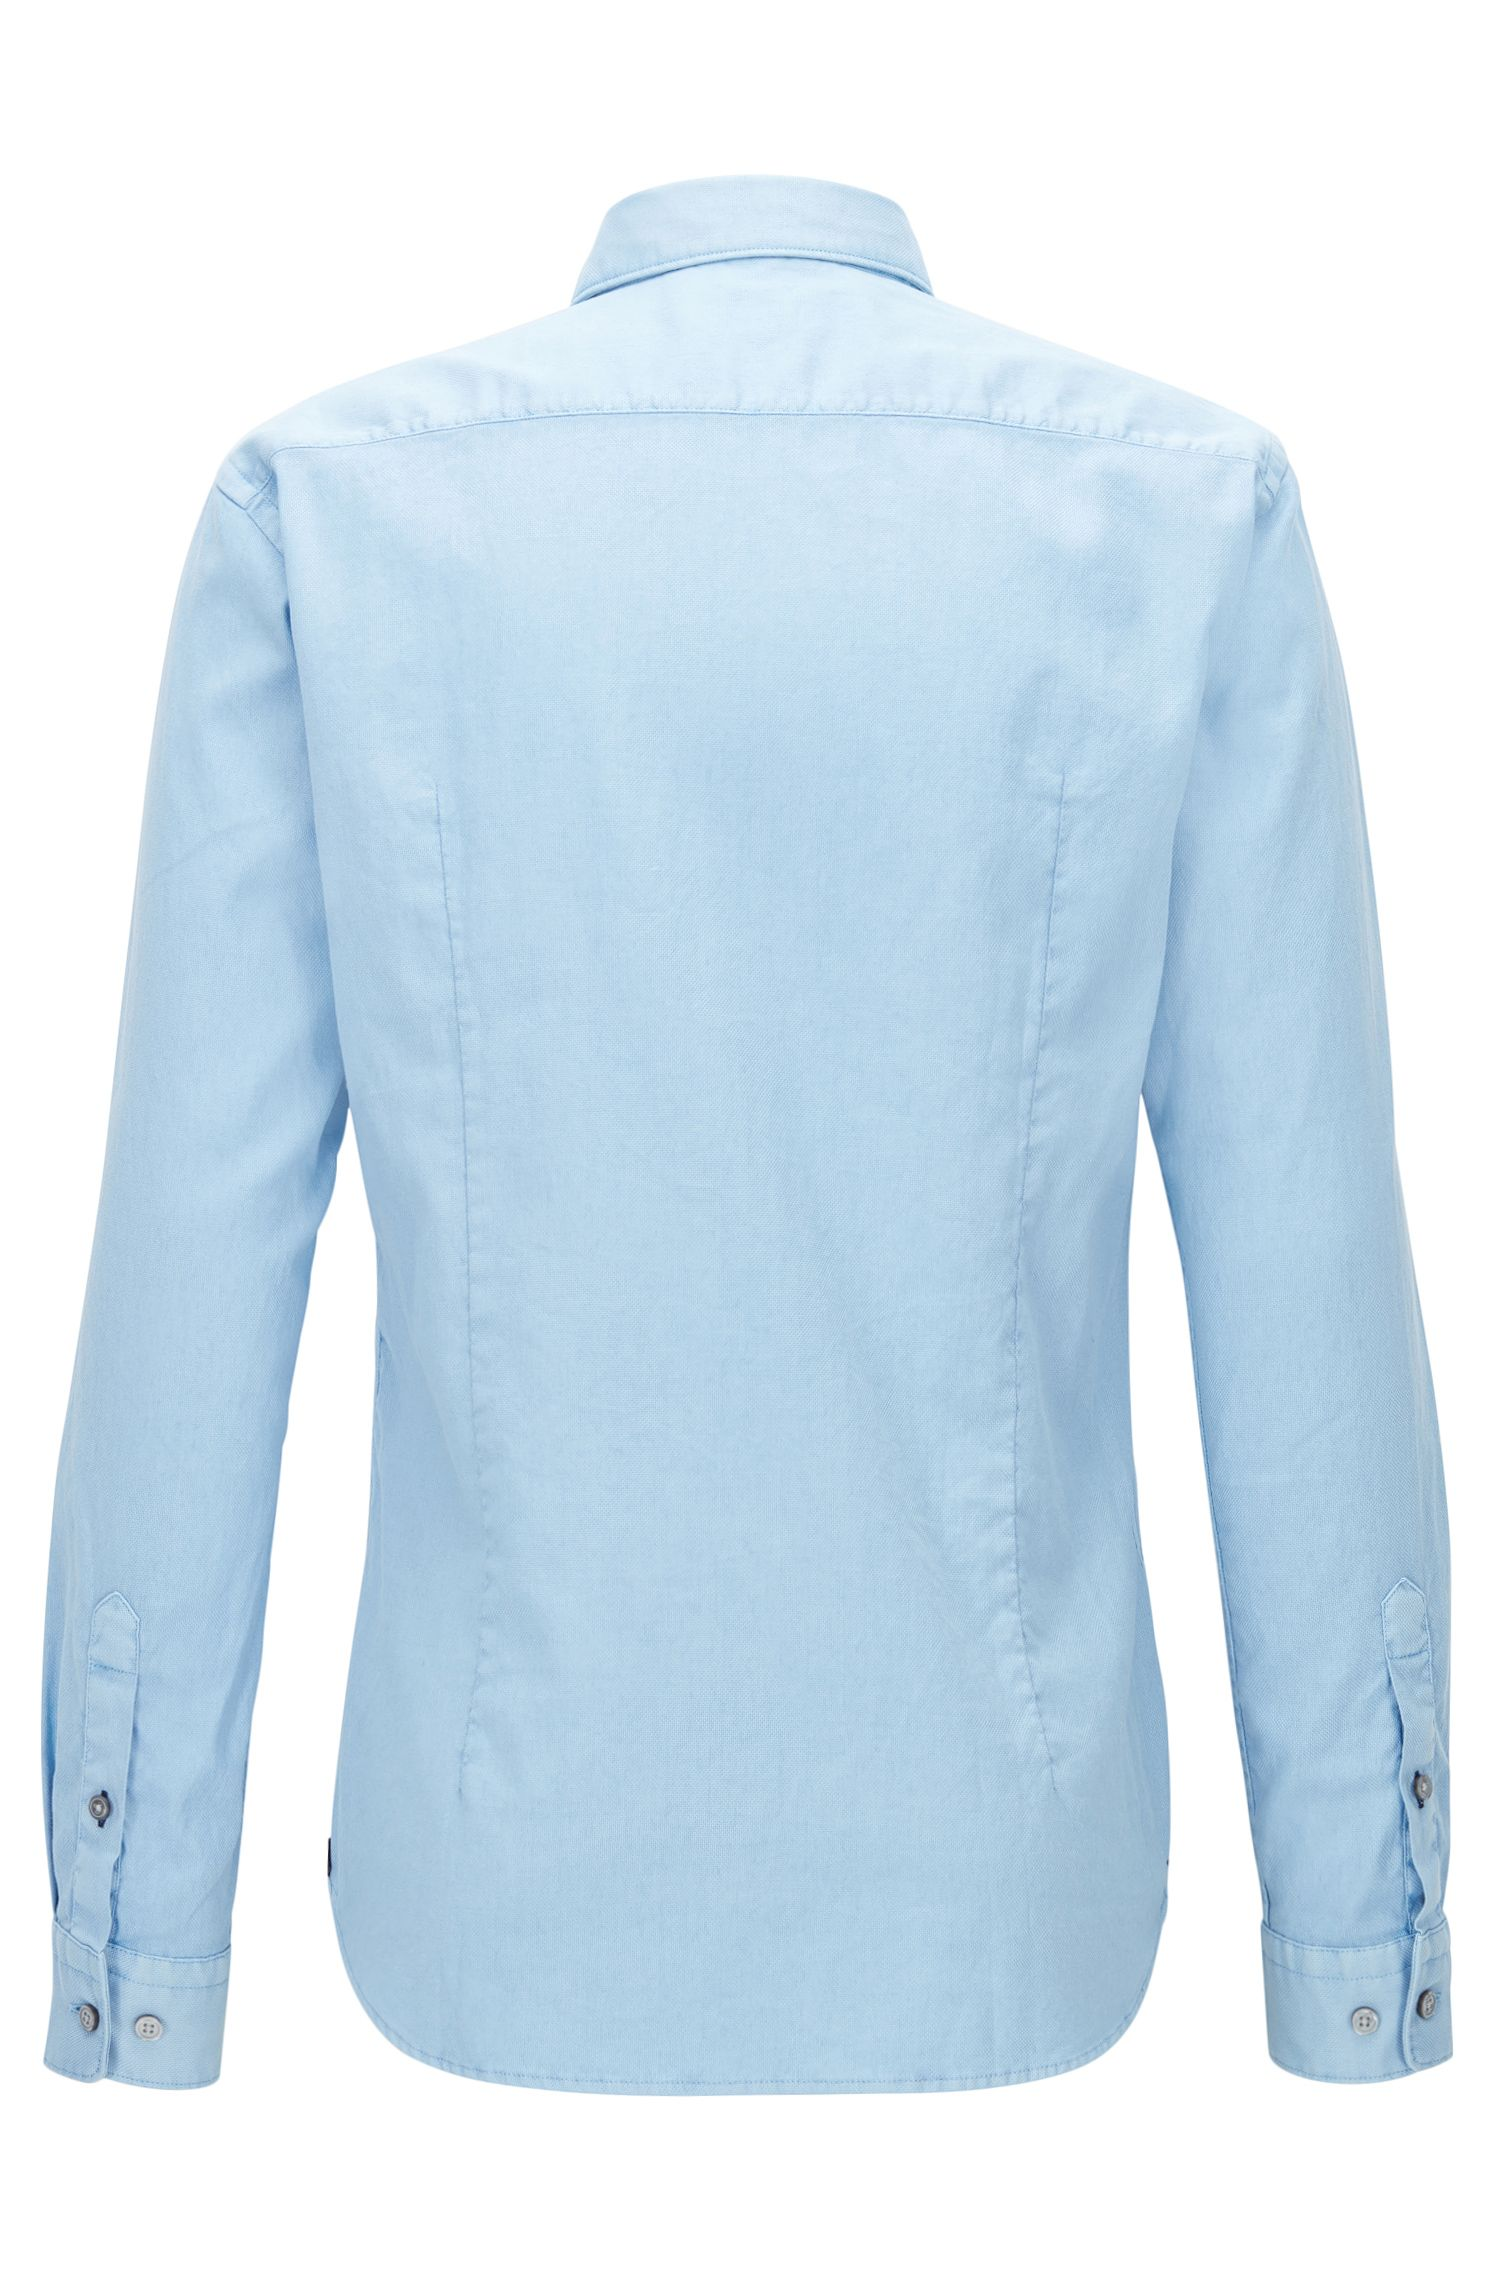 Camisa slim fit de algodón elástico con textura teñido en prenda